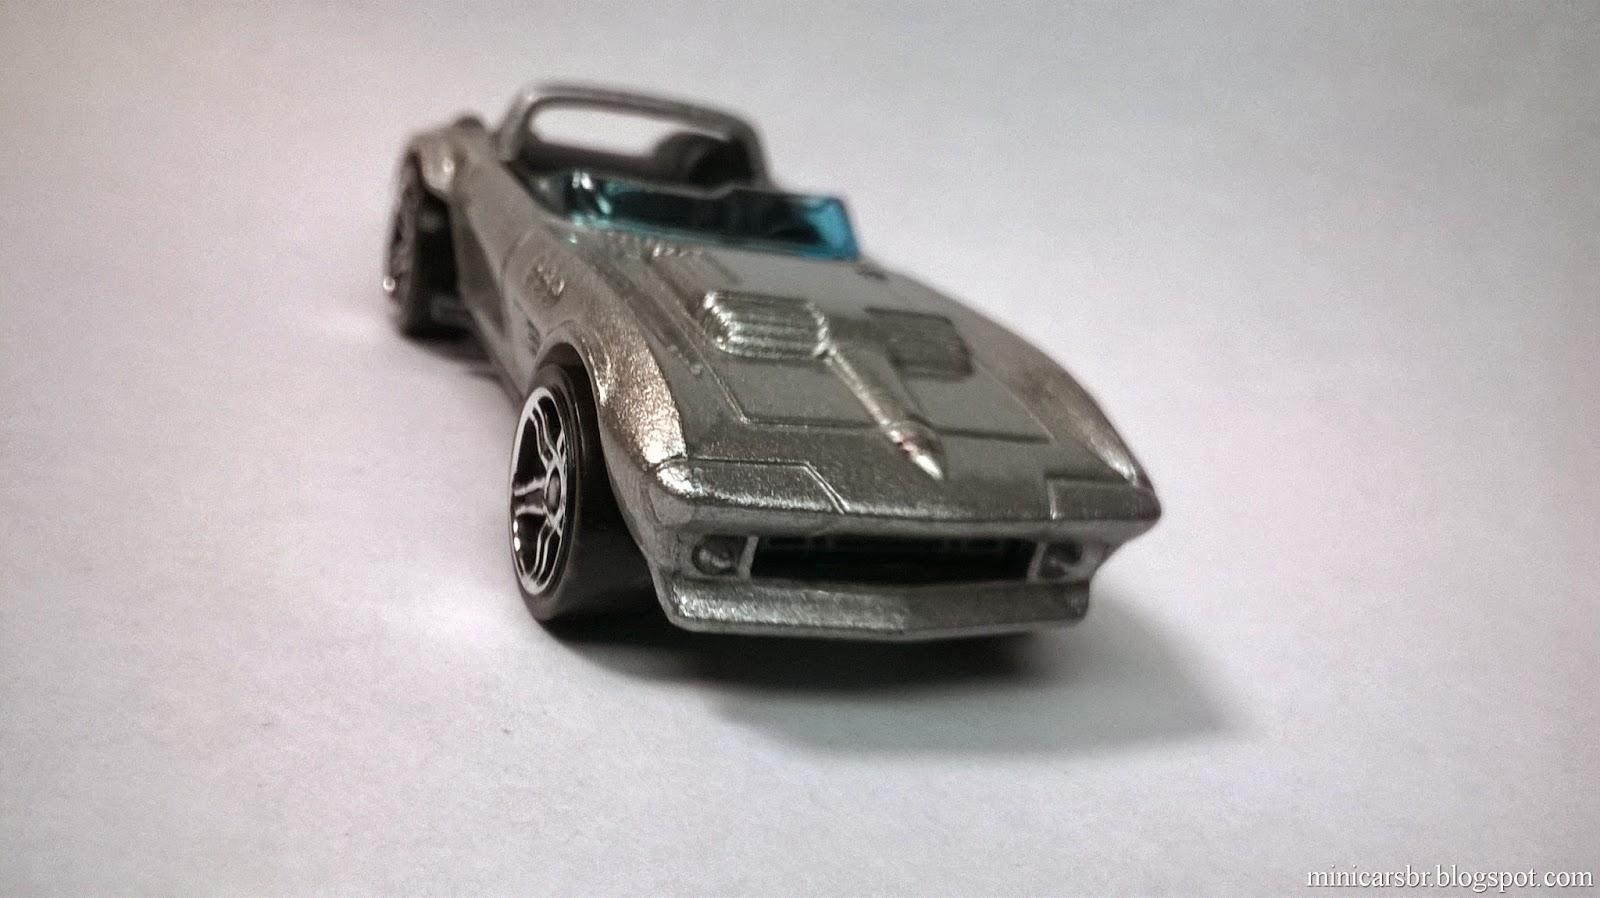 Filme Do Hot Wheels regarding minicarsbr: chevrolet corvette grand sport roadster velozes e